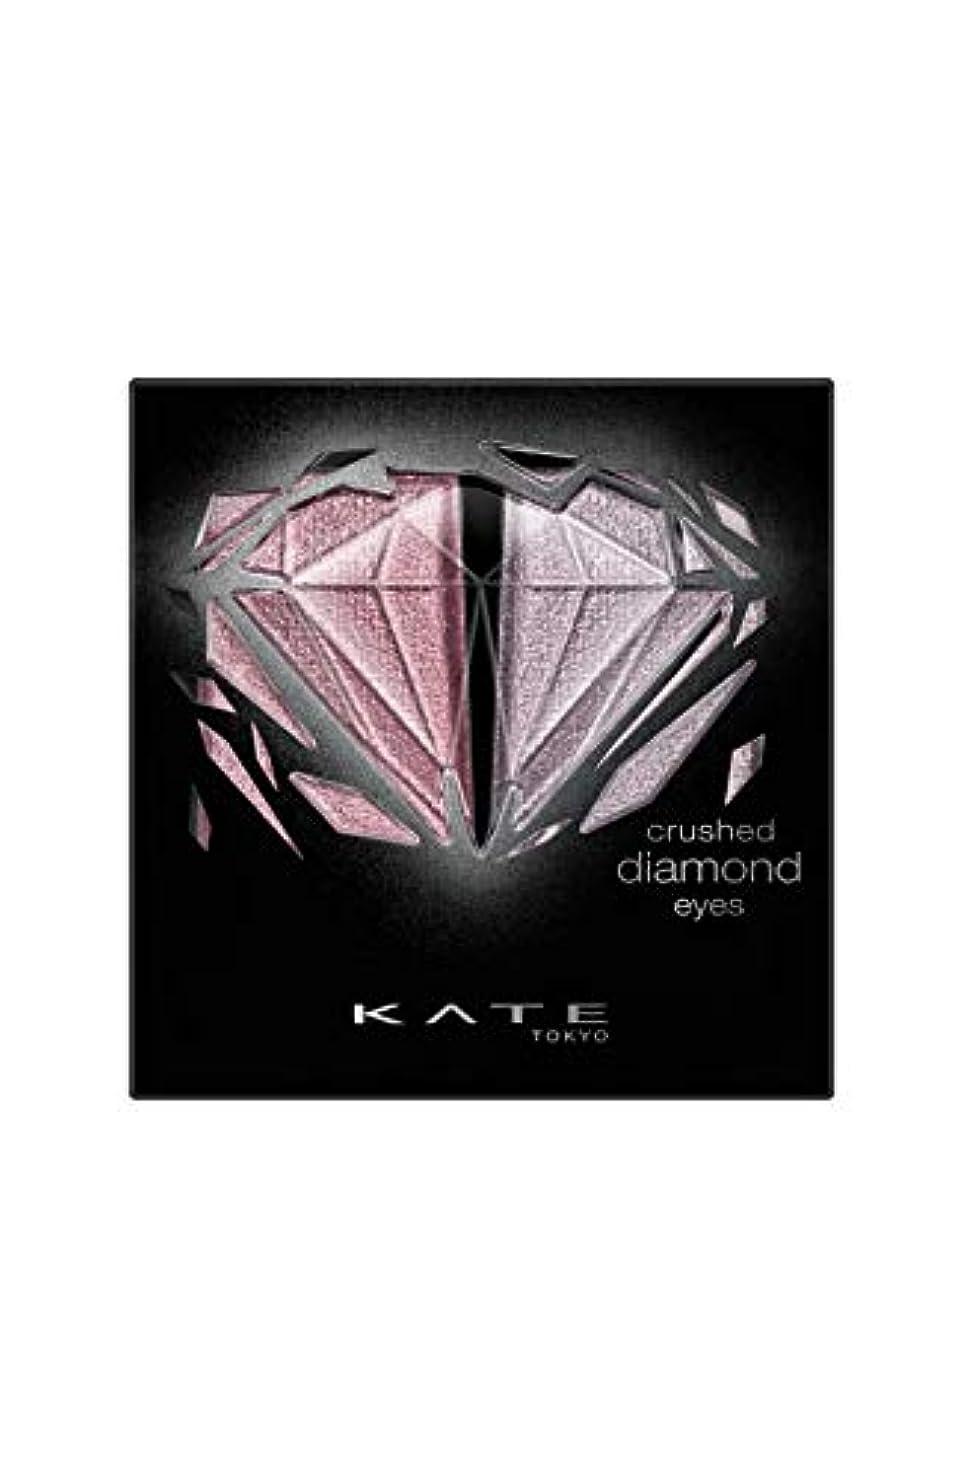 デジタル興奮最も遠いケイト クラッシュダイヤモンドアイズ PK-1 アイシャドウ